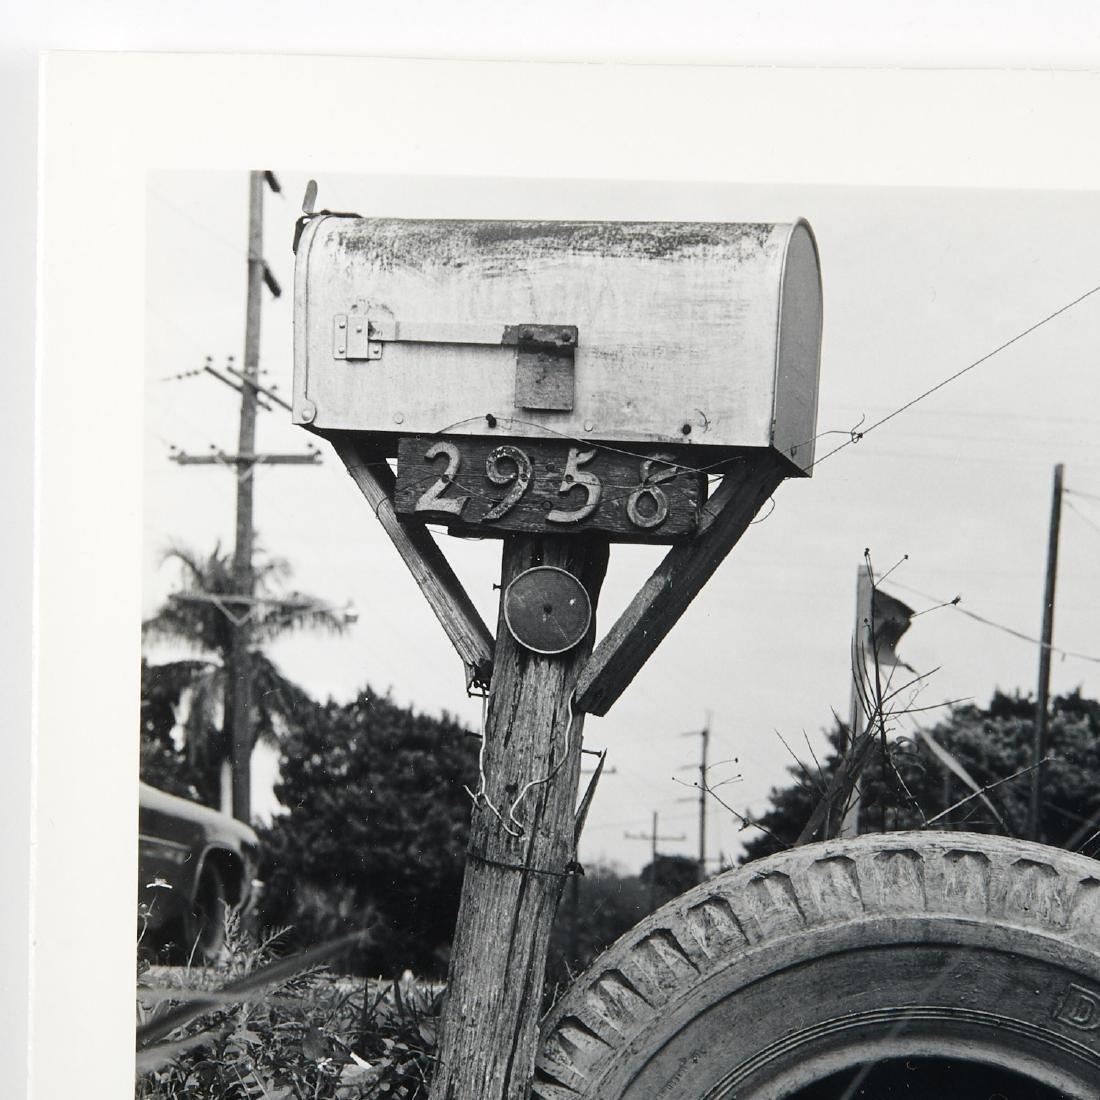 Robert Rauschenberg, photograph - 2